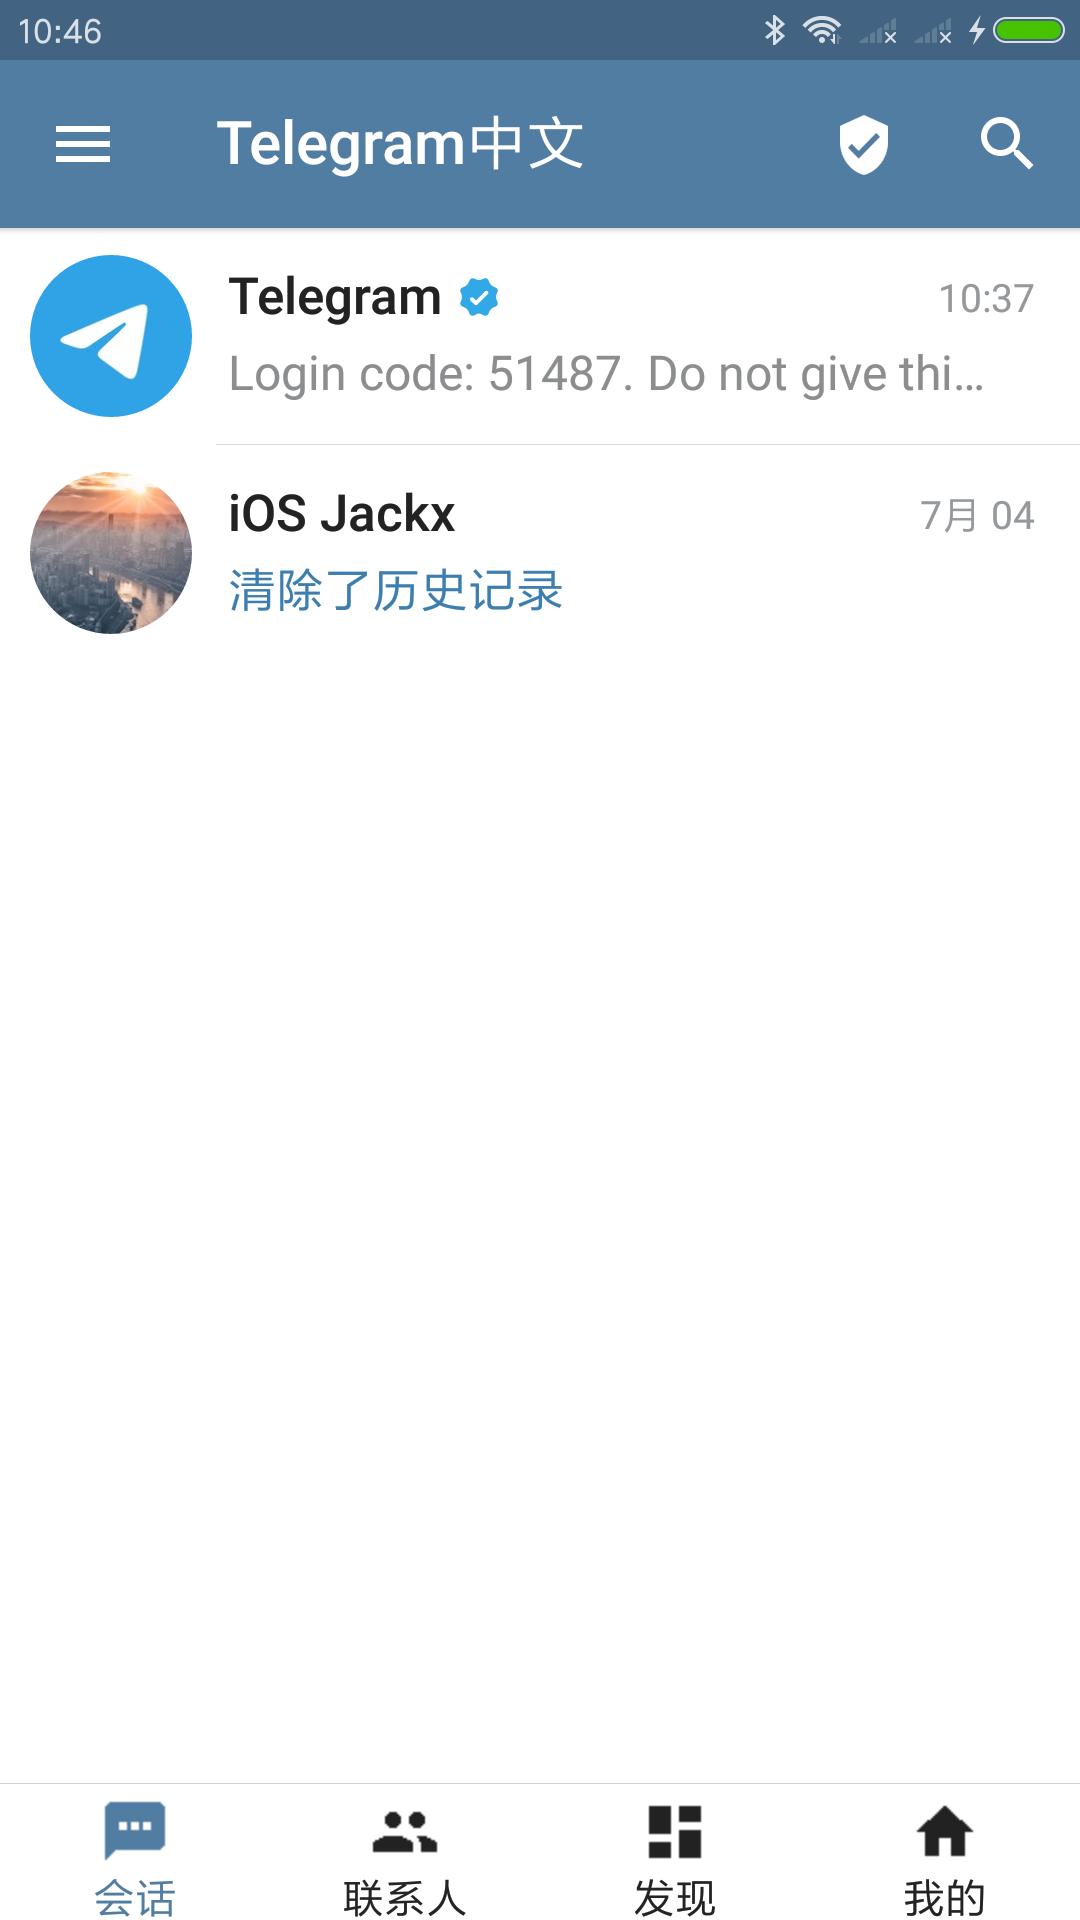 telegram 手机中文版手机软件app截图